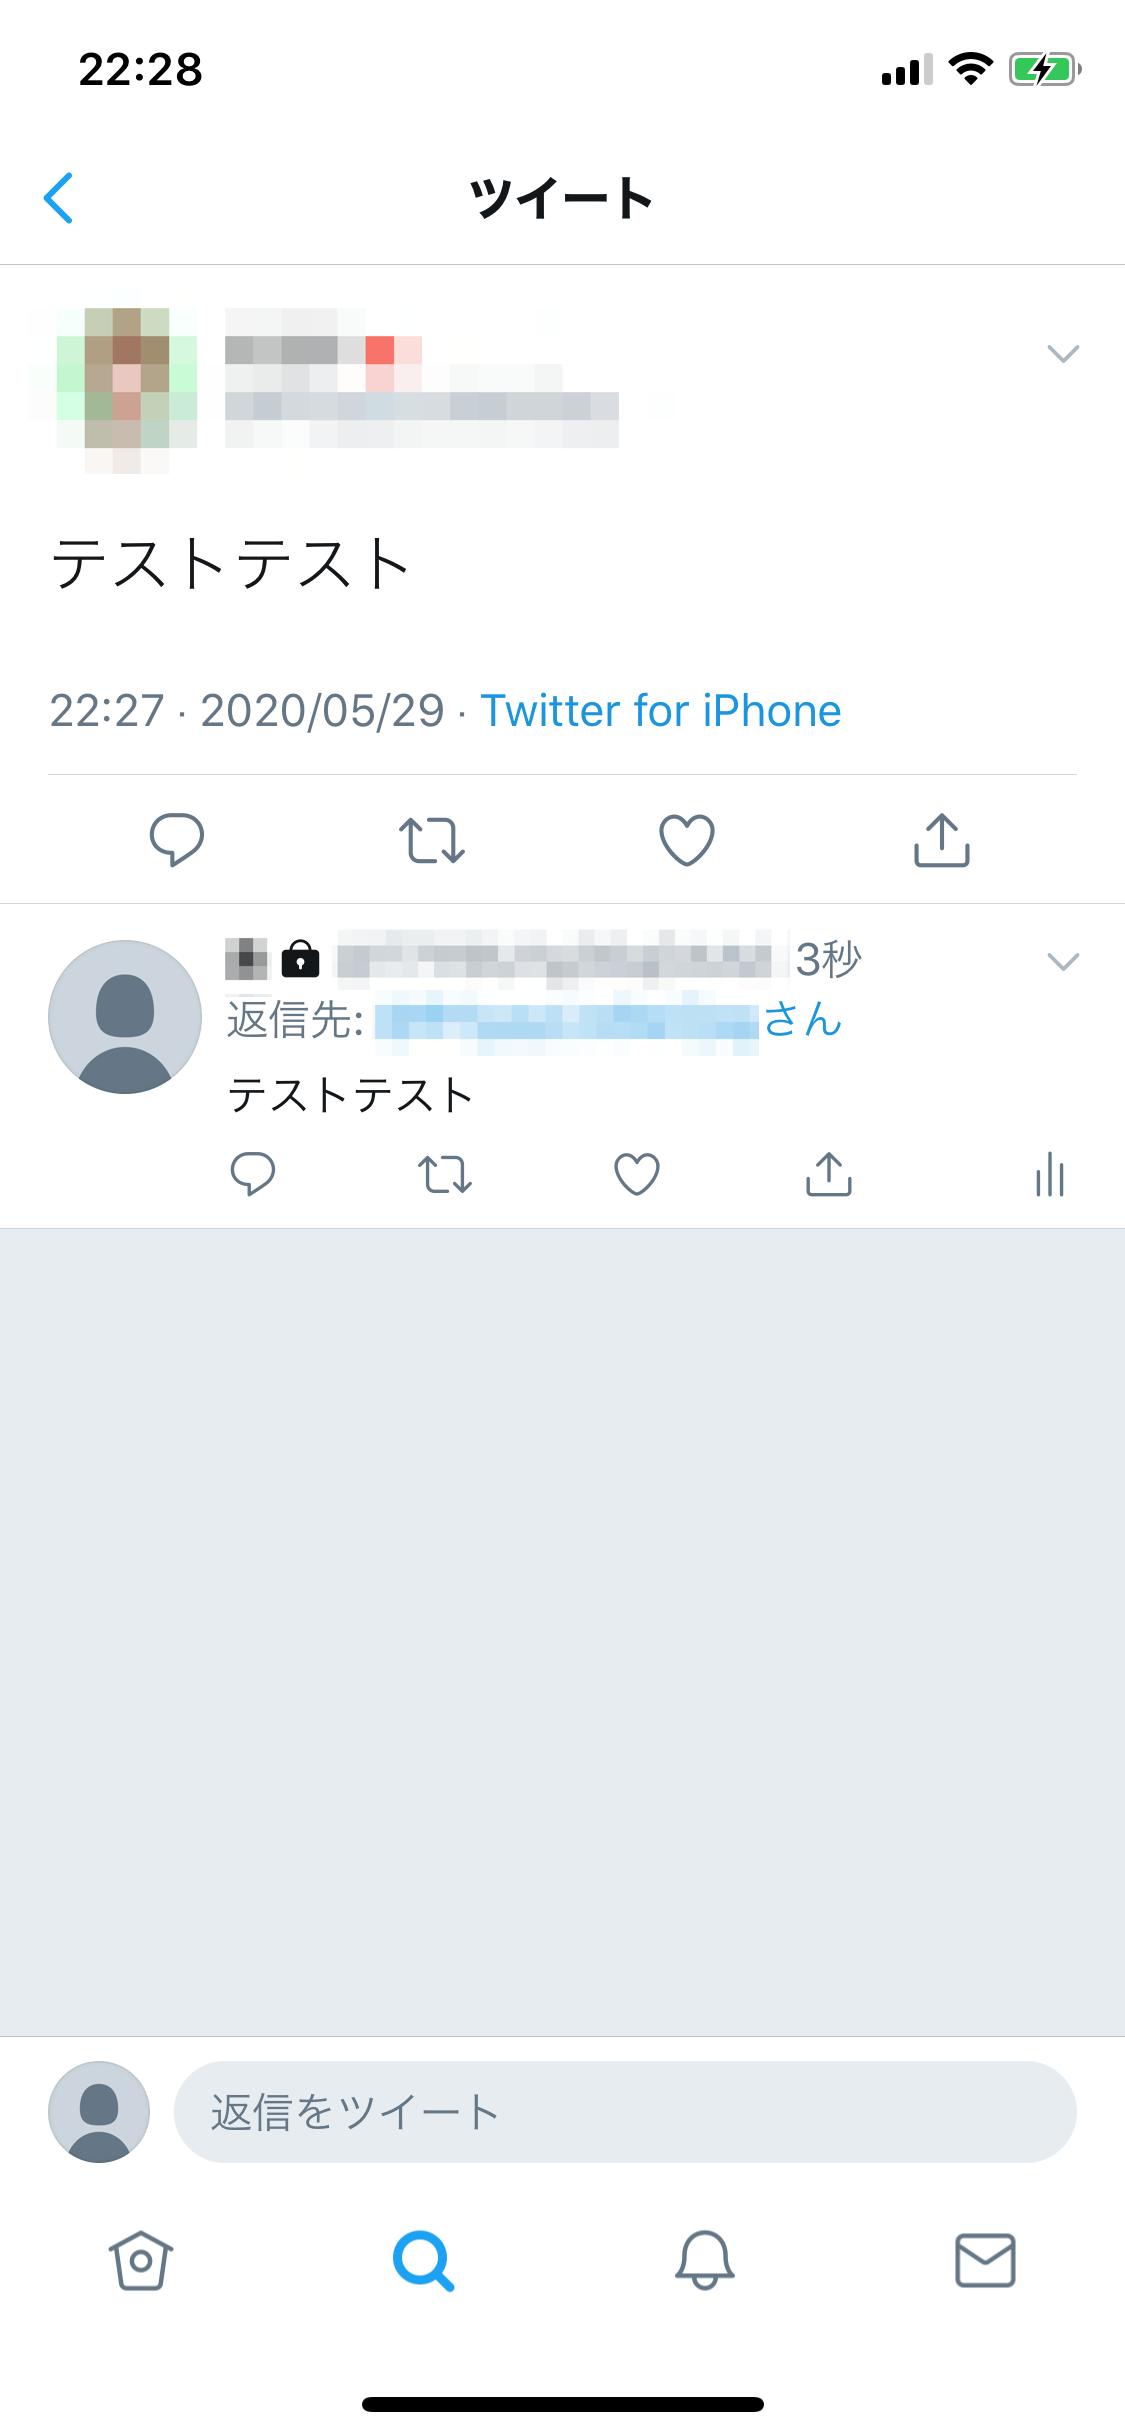 Twitter 鍵垢 返信